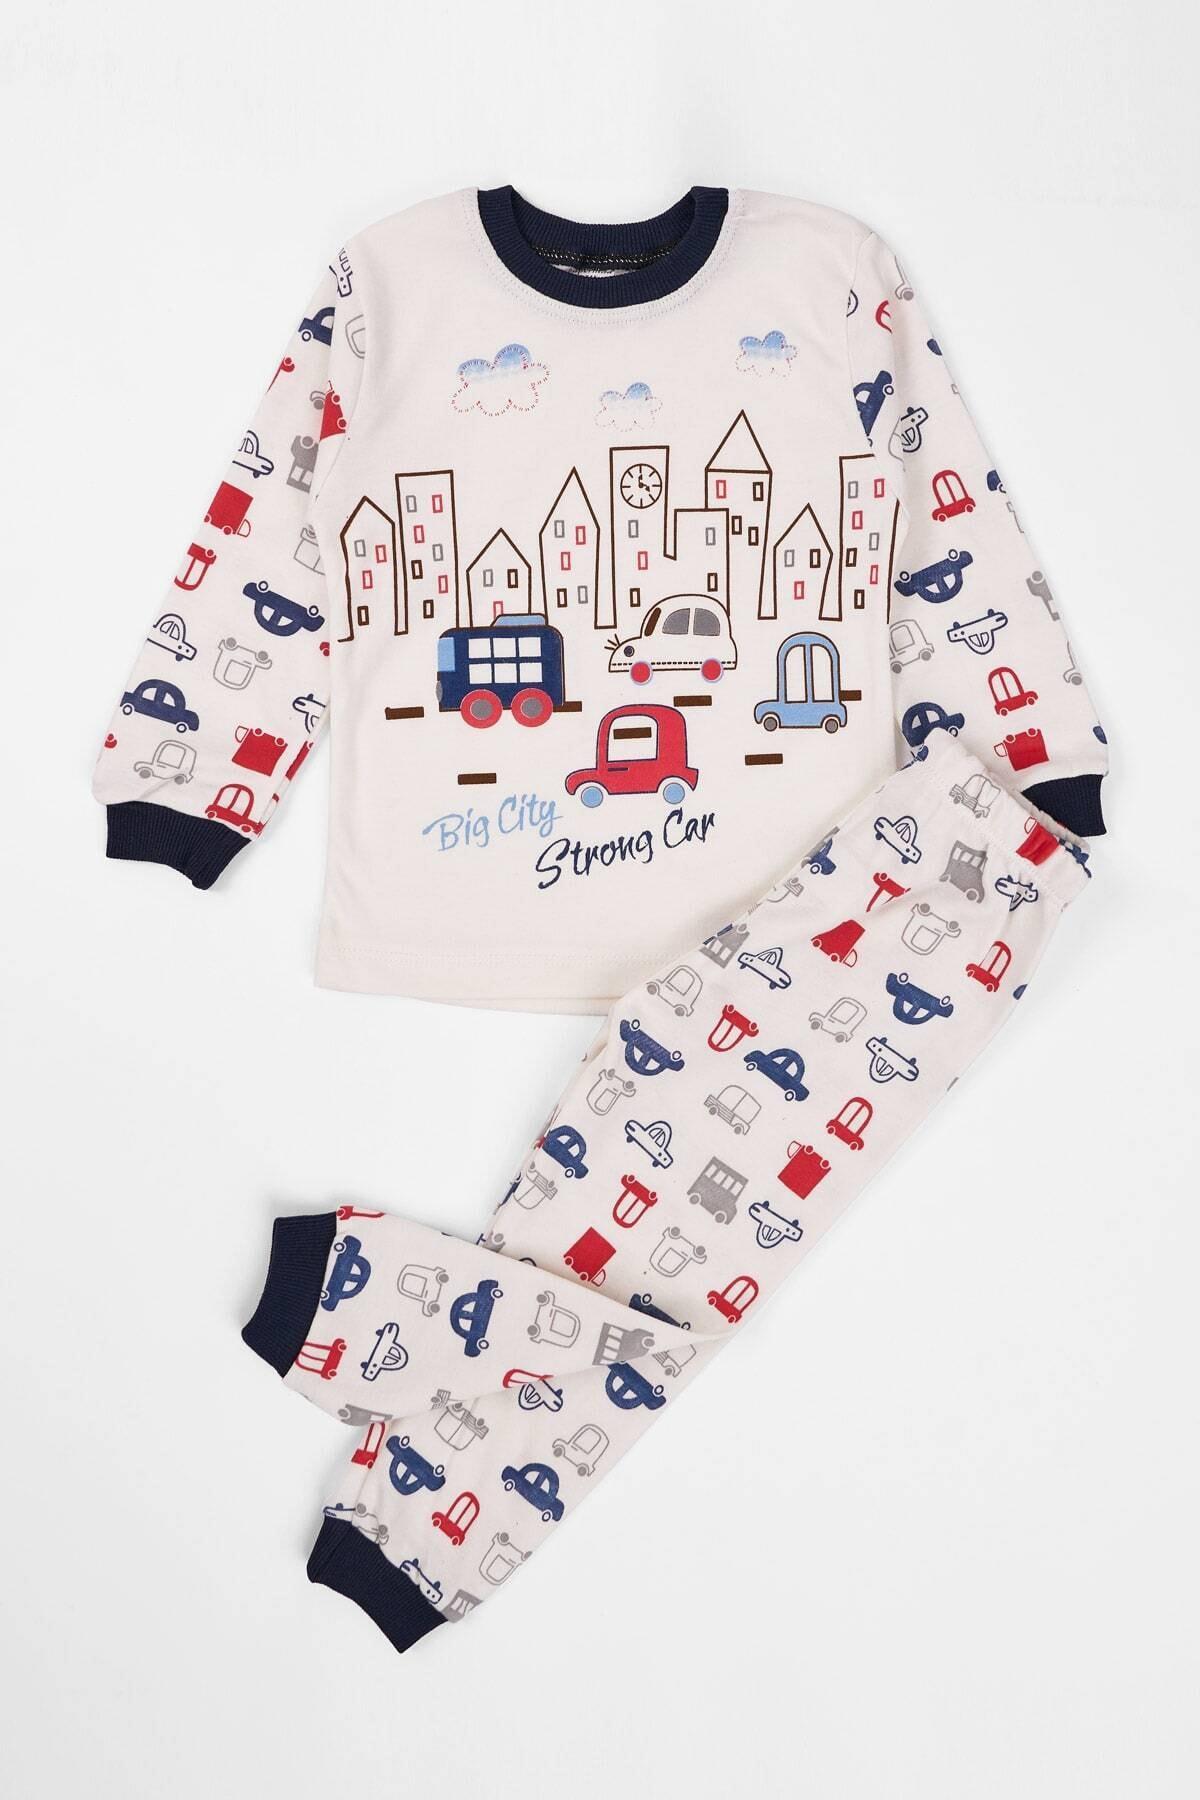 zepkids Çocuk Pijama Takımı Araba Baskılı 1-3 Yaş Lacivert 1